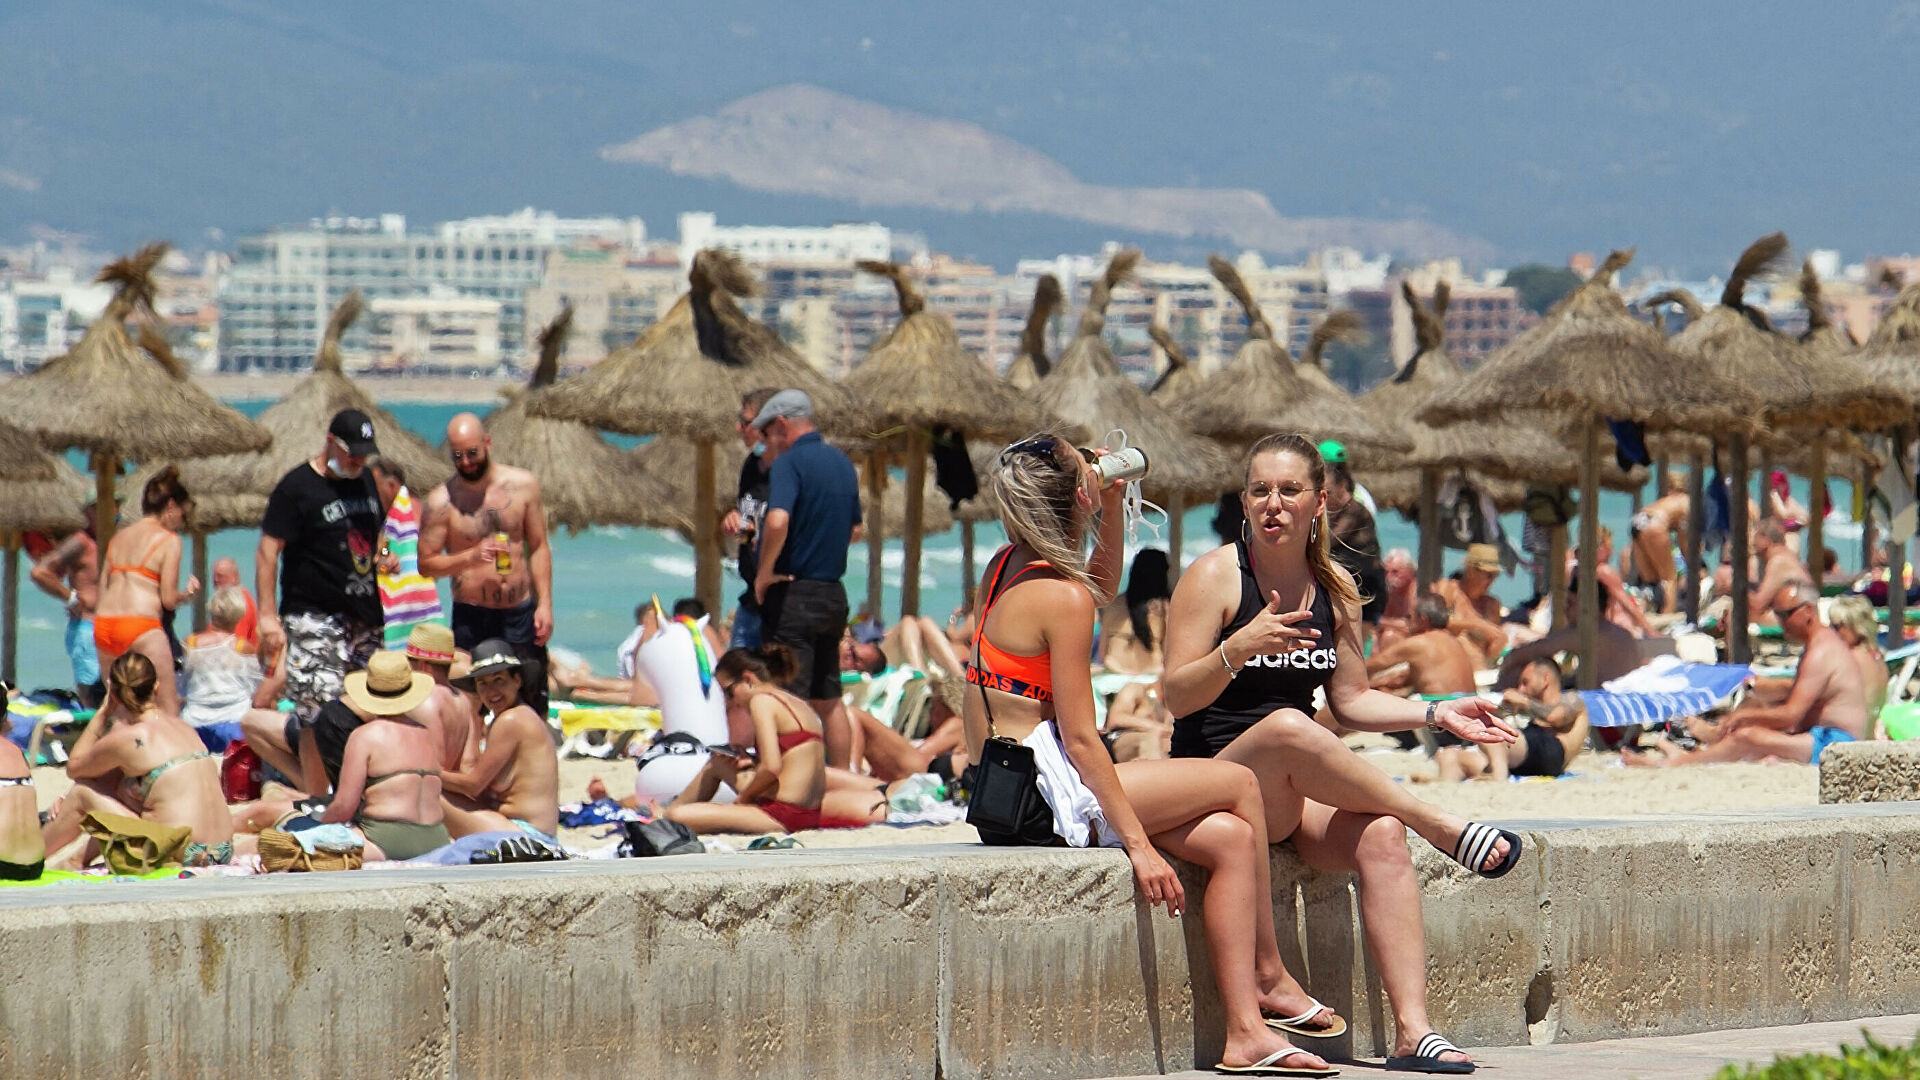 Megabrote en España por fiestas de egresados y cruceros en Mallorca